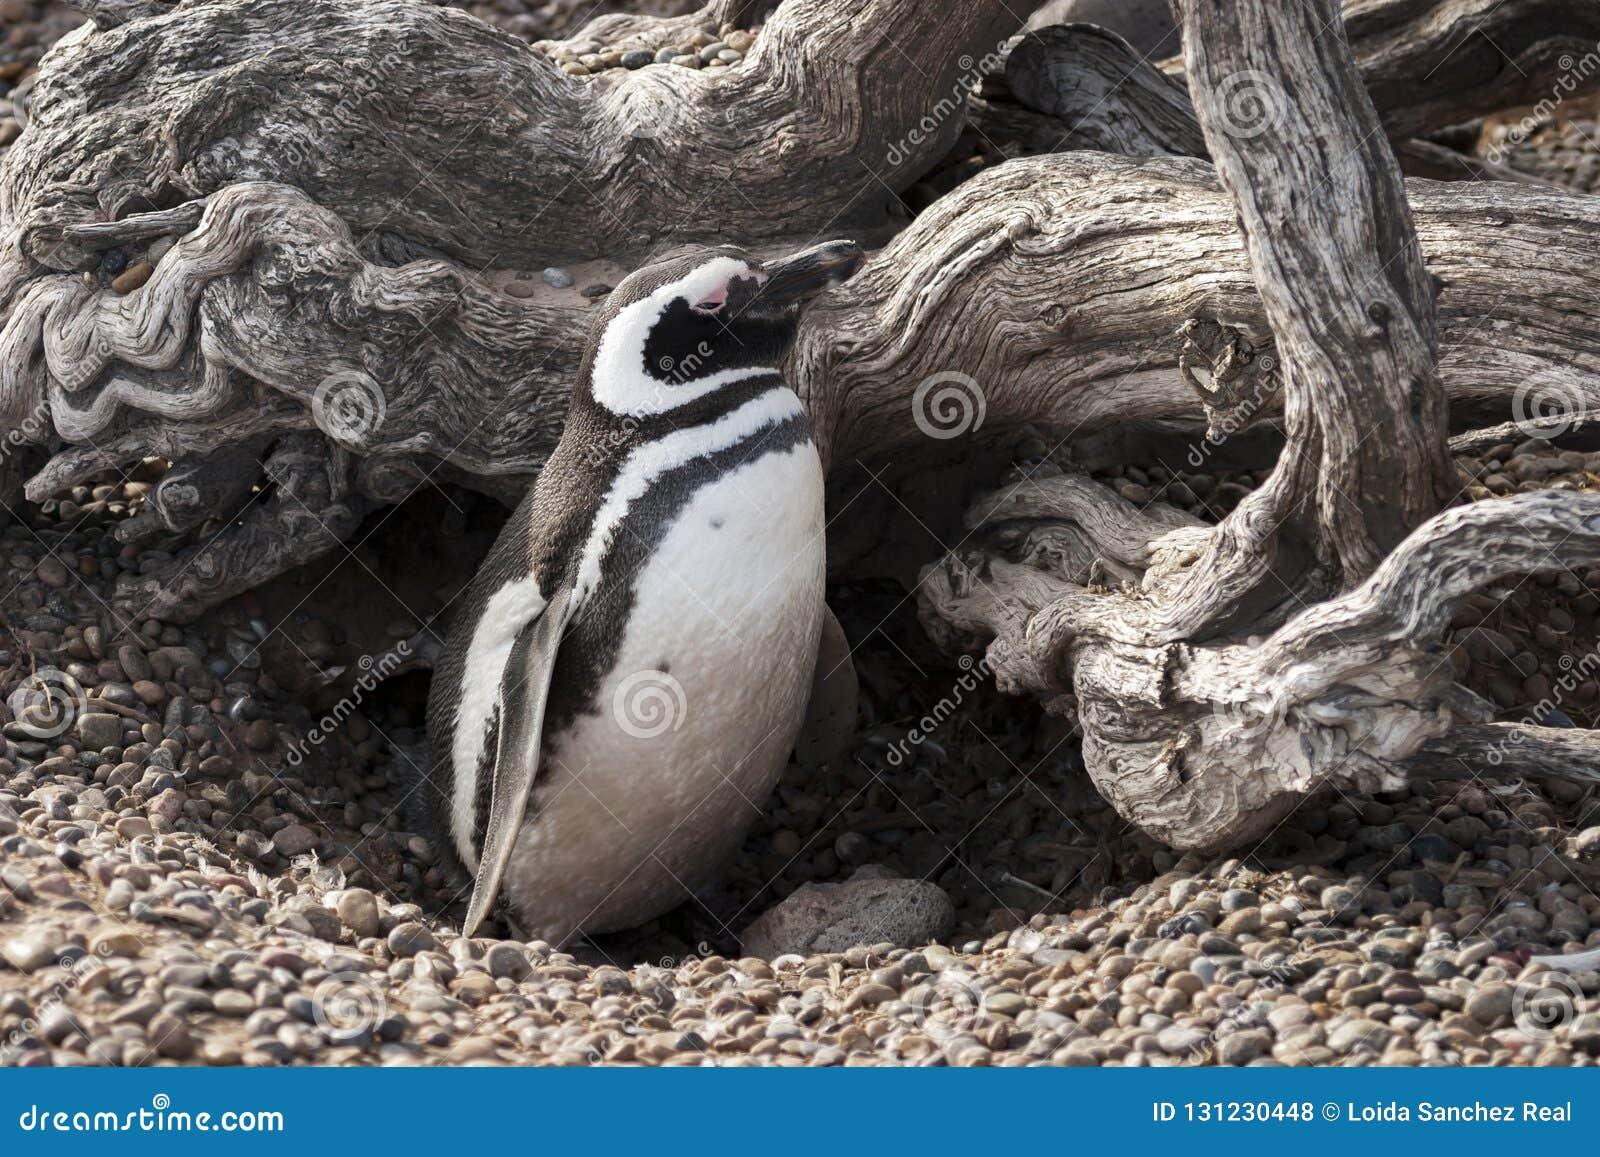 Pinguim de Magellanic em seu ninho protegido